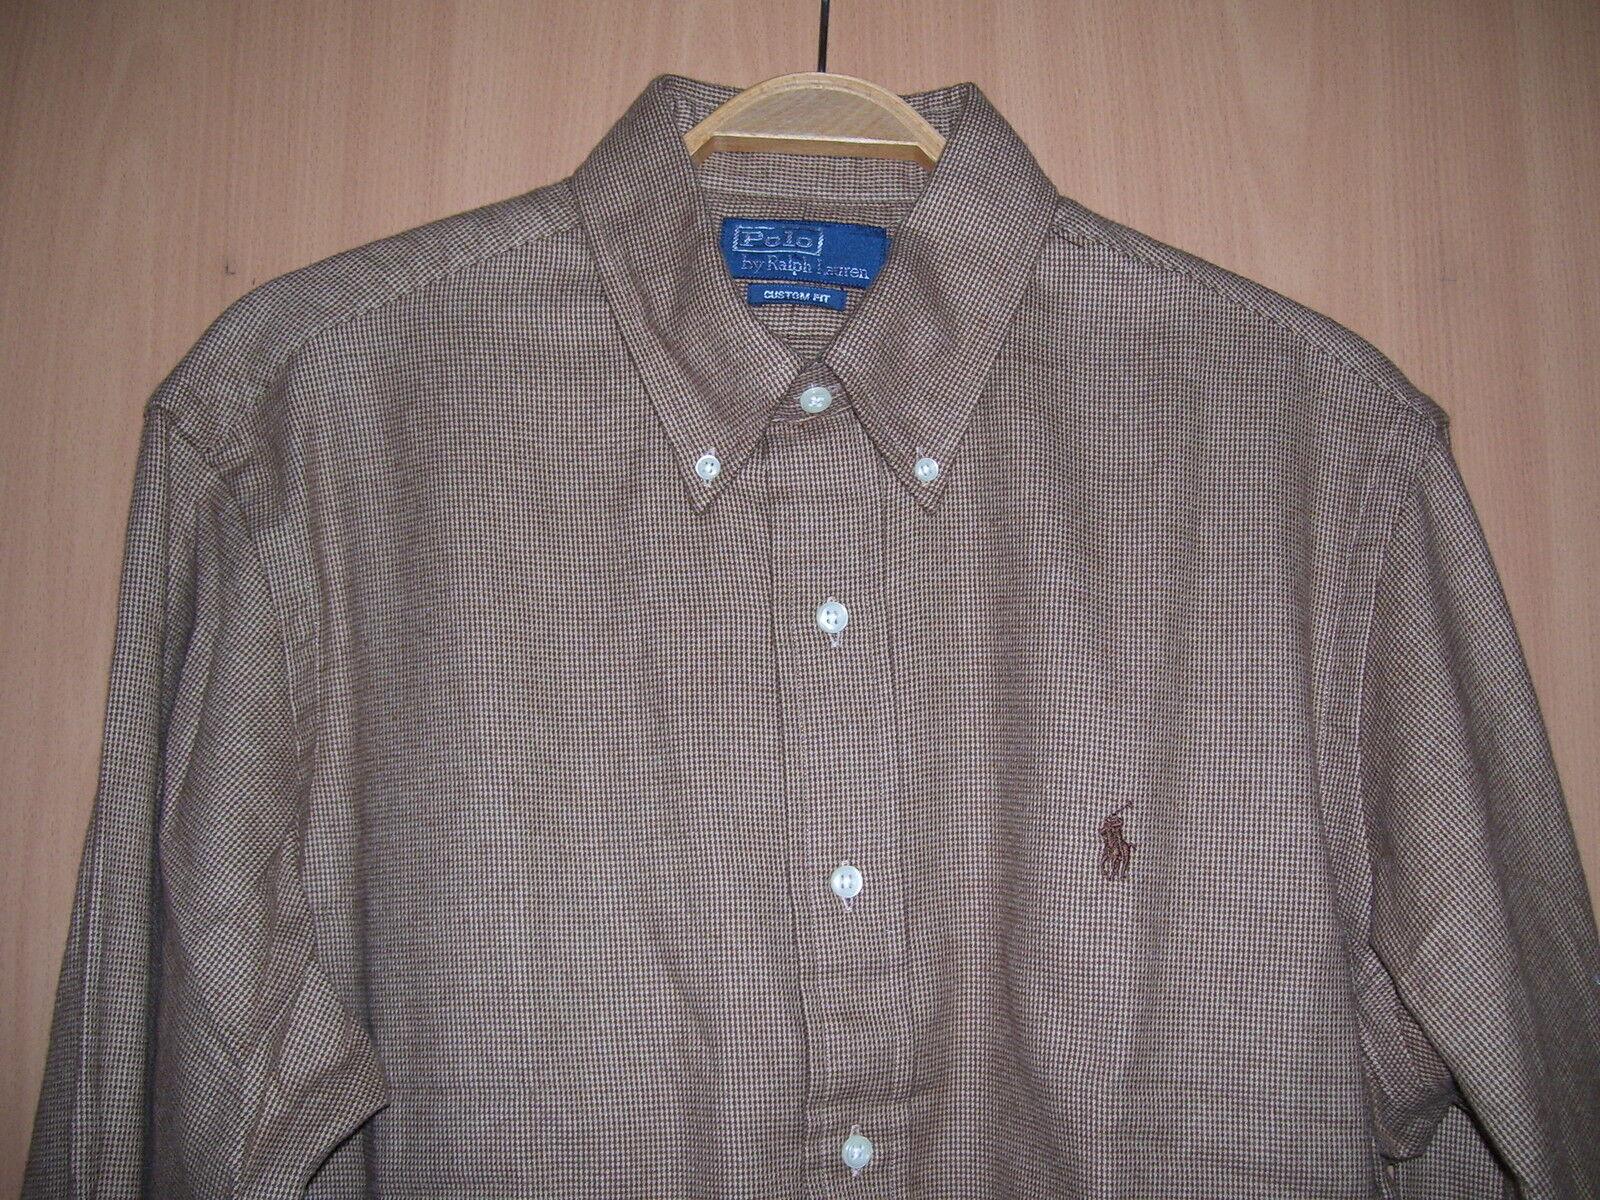 Polo by Ralph Lauren Herren Hemd warm Winter Baumwolle braun kariert Größe L neu